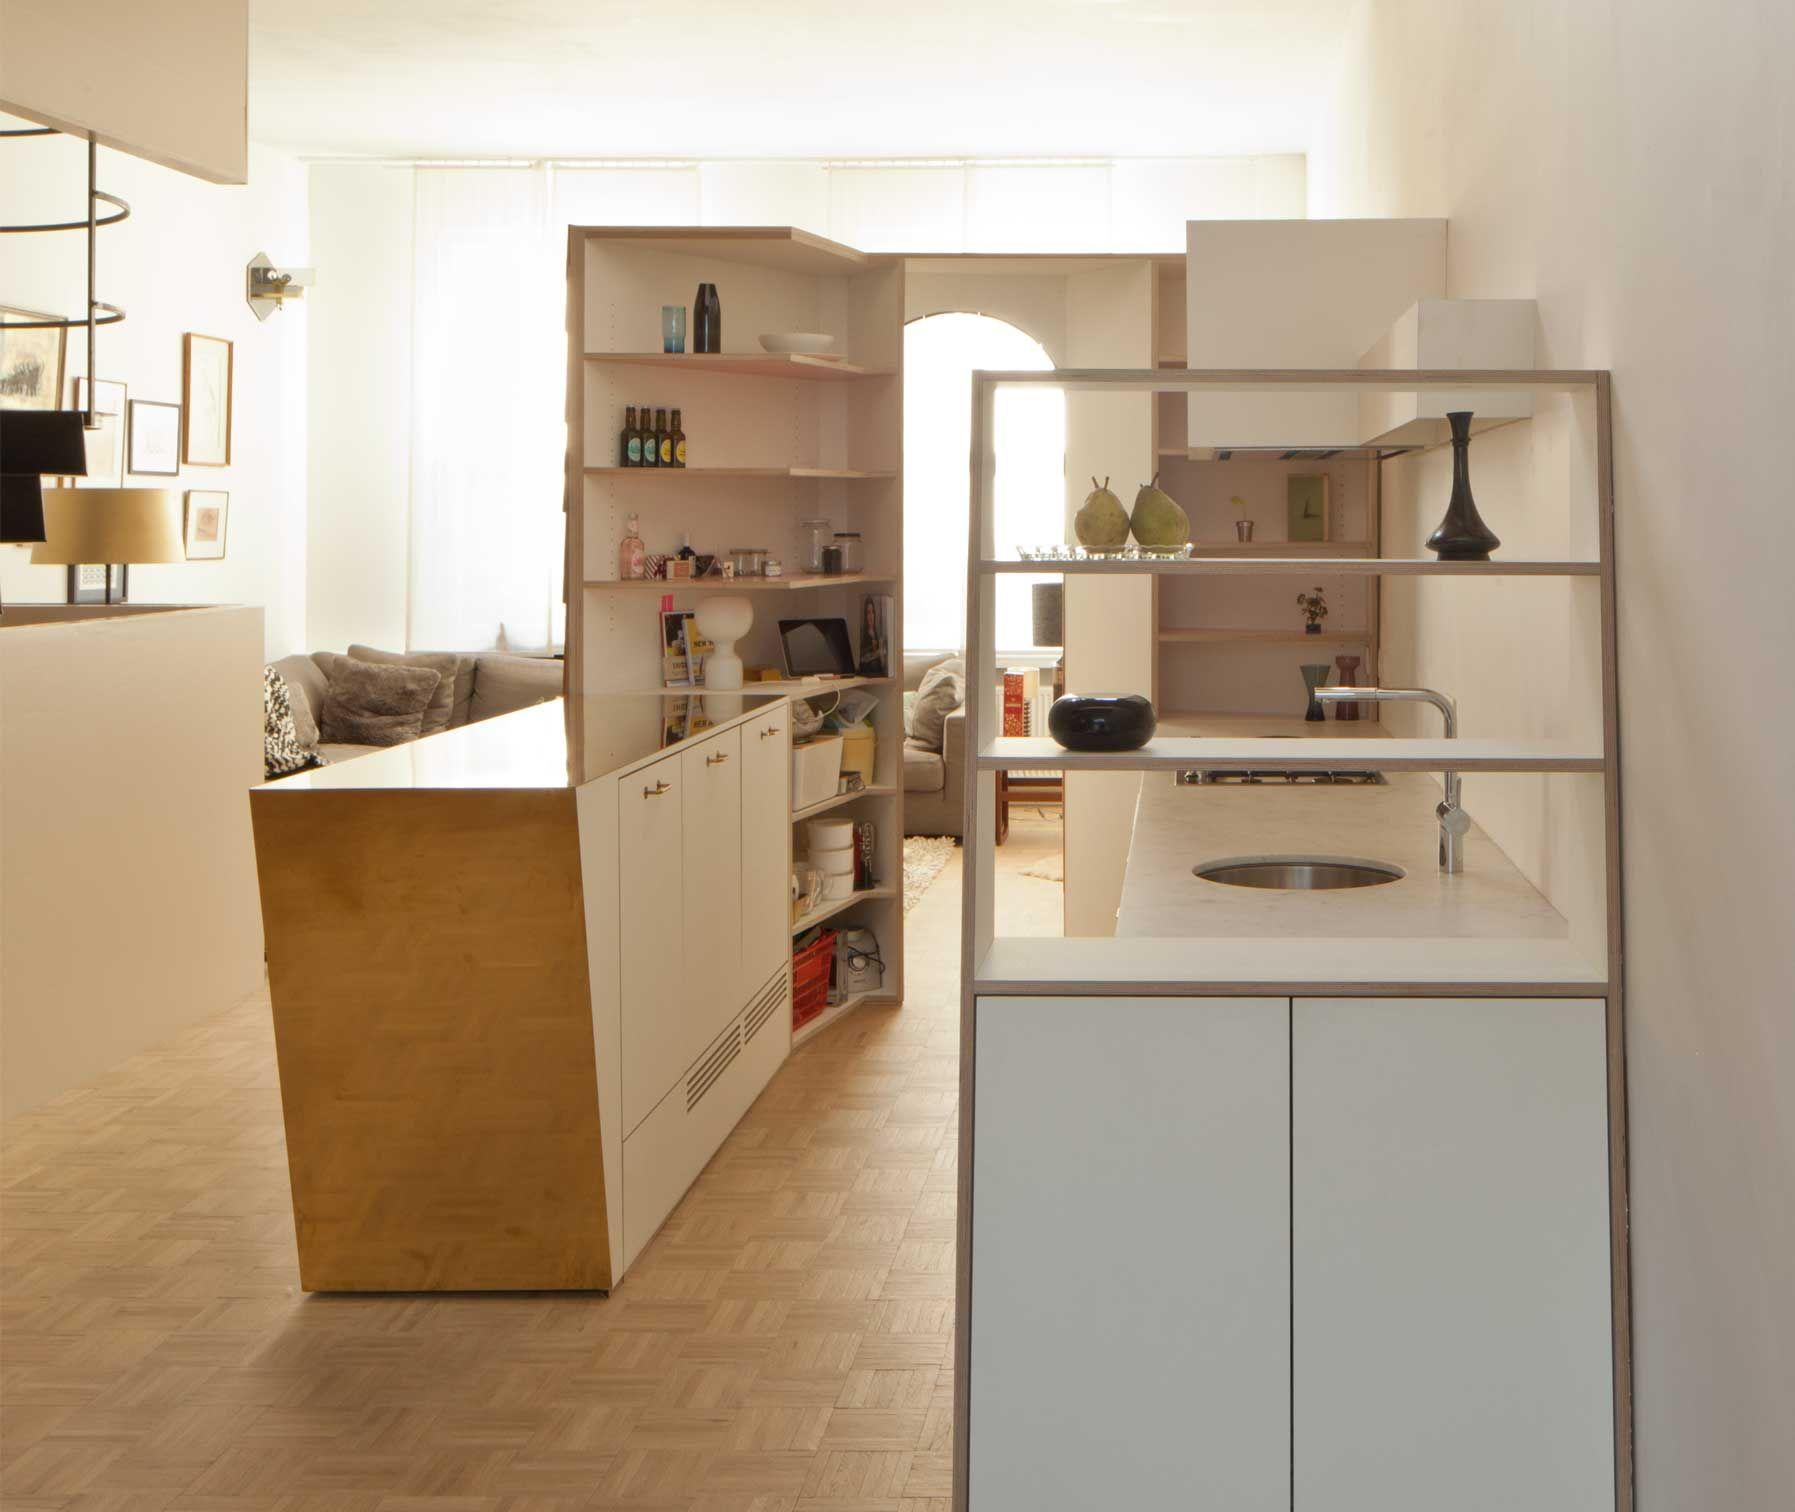 Atelier watashiwa kitchen antwerp kitchen brass space pinterest